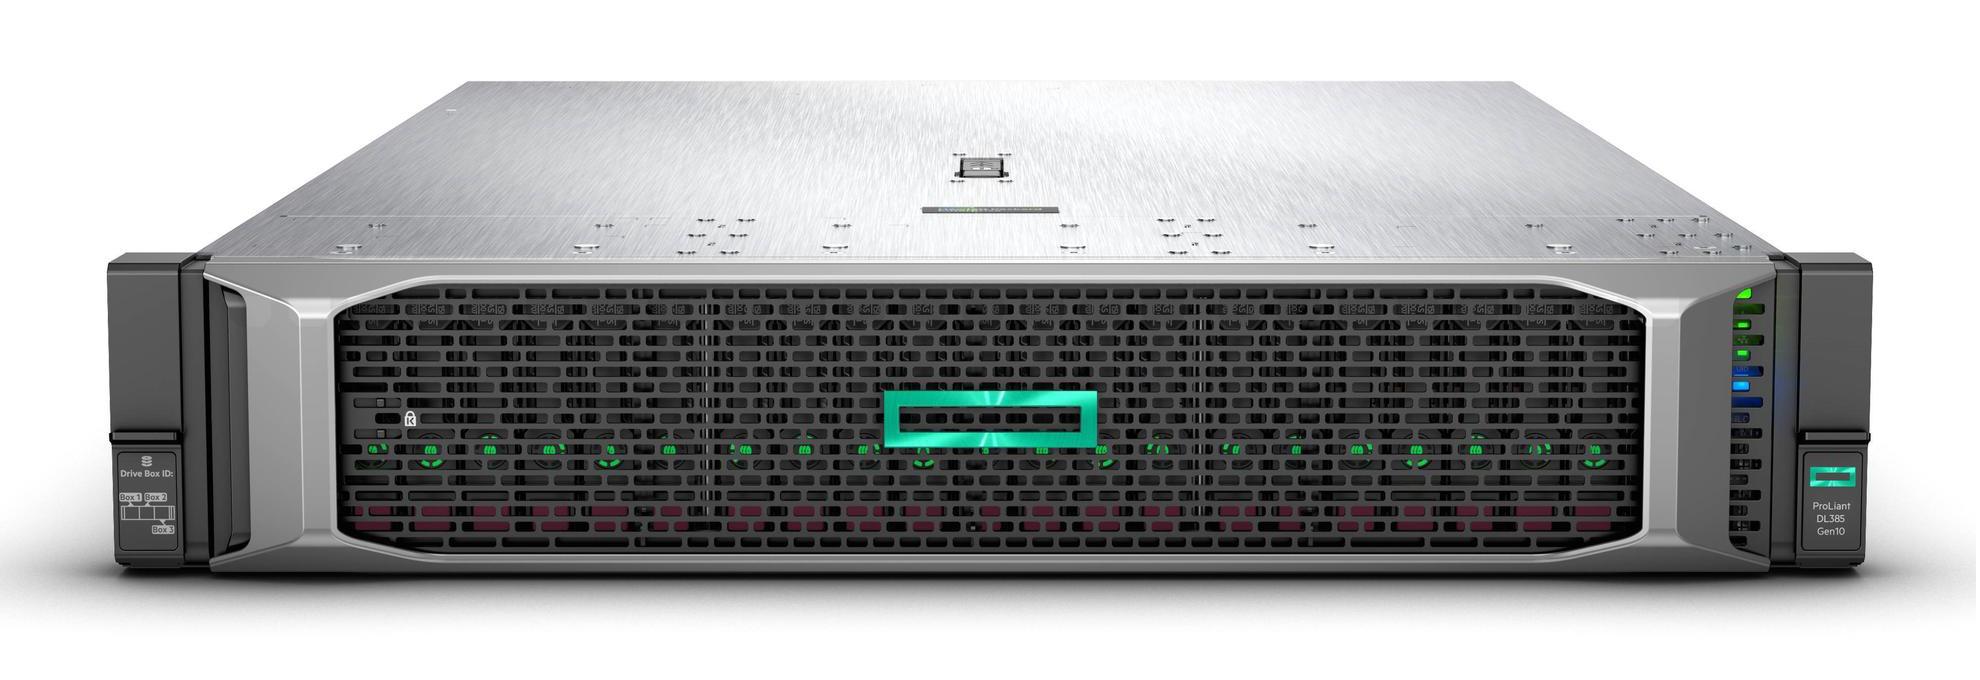 Hewlett Packard Enterprise ProLiant DL385 Gen10 server AMD EPYC 3 GHz 16 GB DDR4-SDRAM 72 TB Rack (2U) 800 W